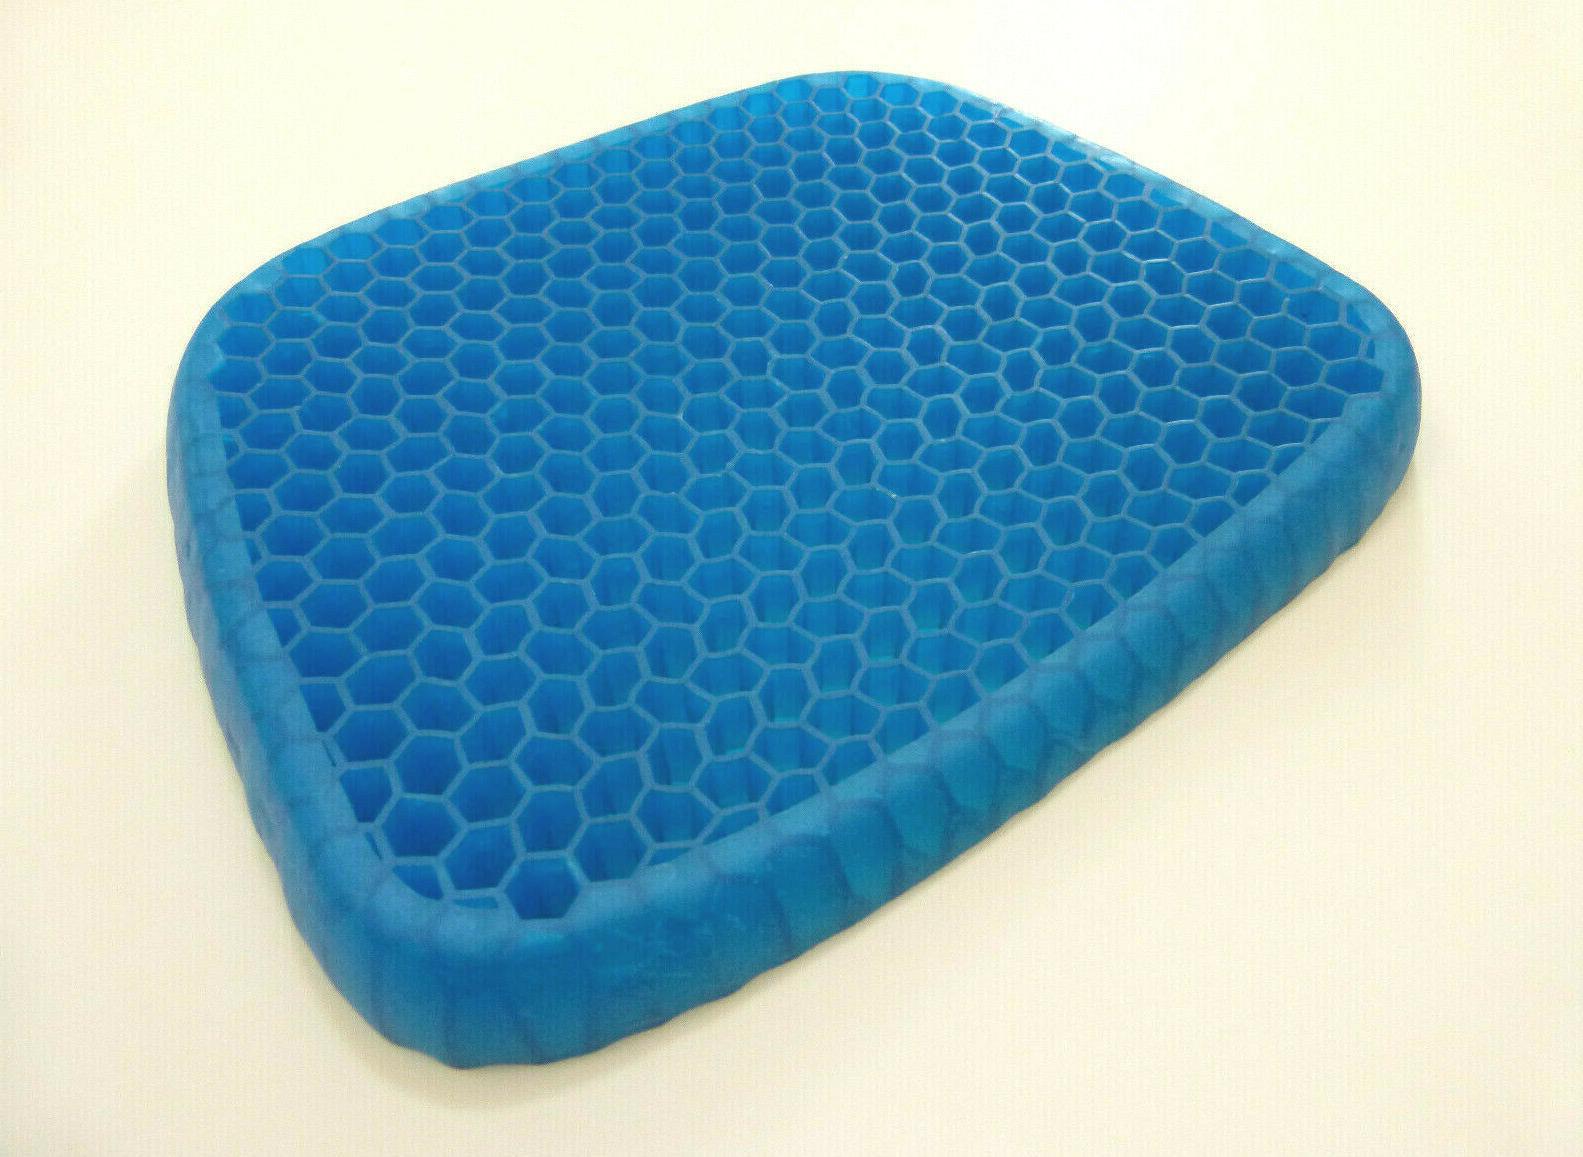 egg gel seat cushion chair pad